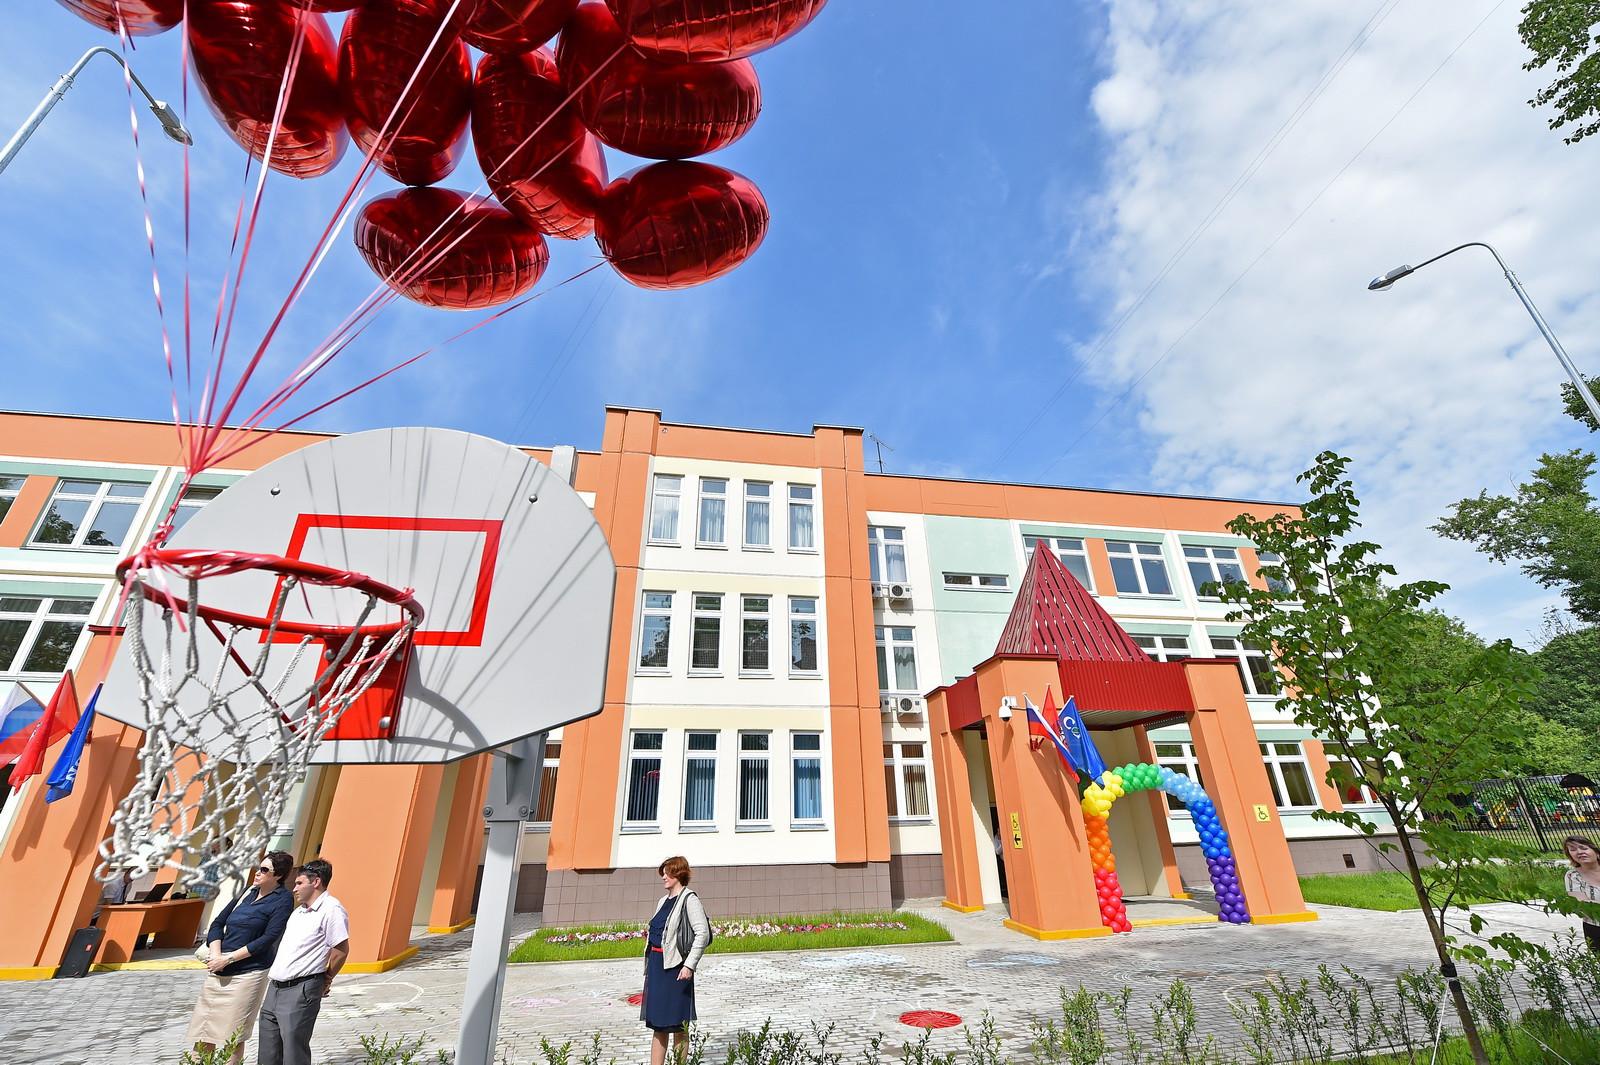 В районе Северное Измайлово (г. Москва) открылся новый детский сад